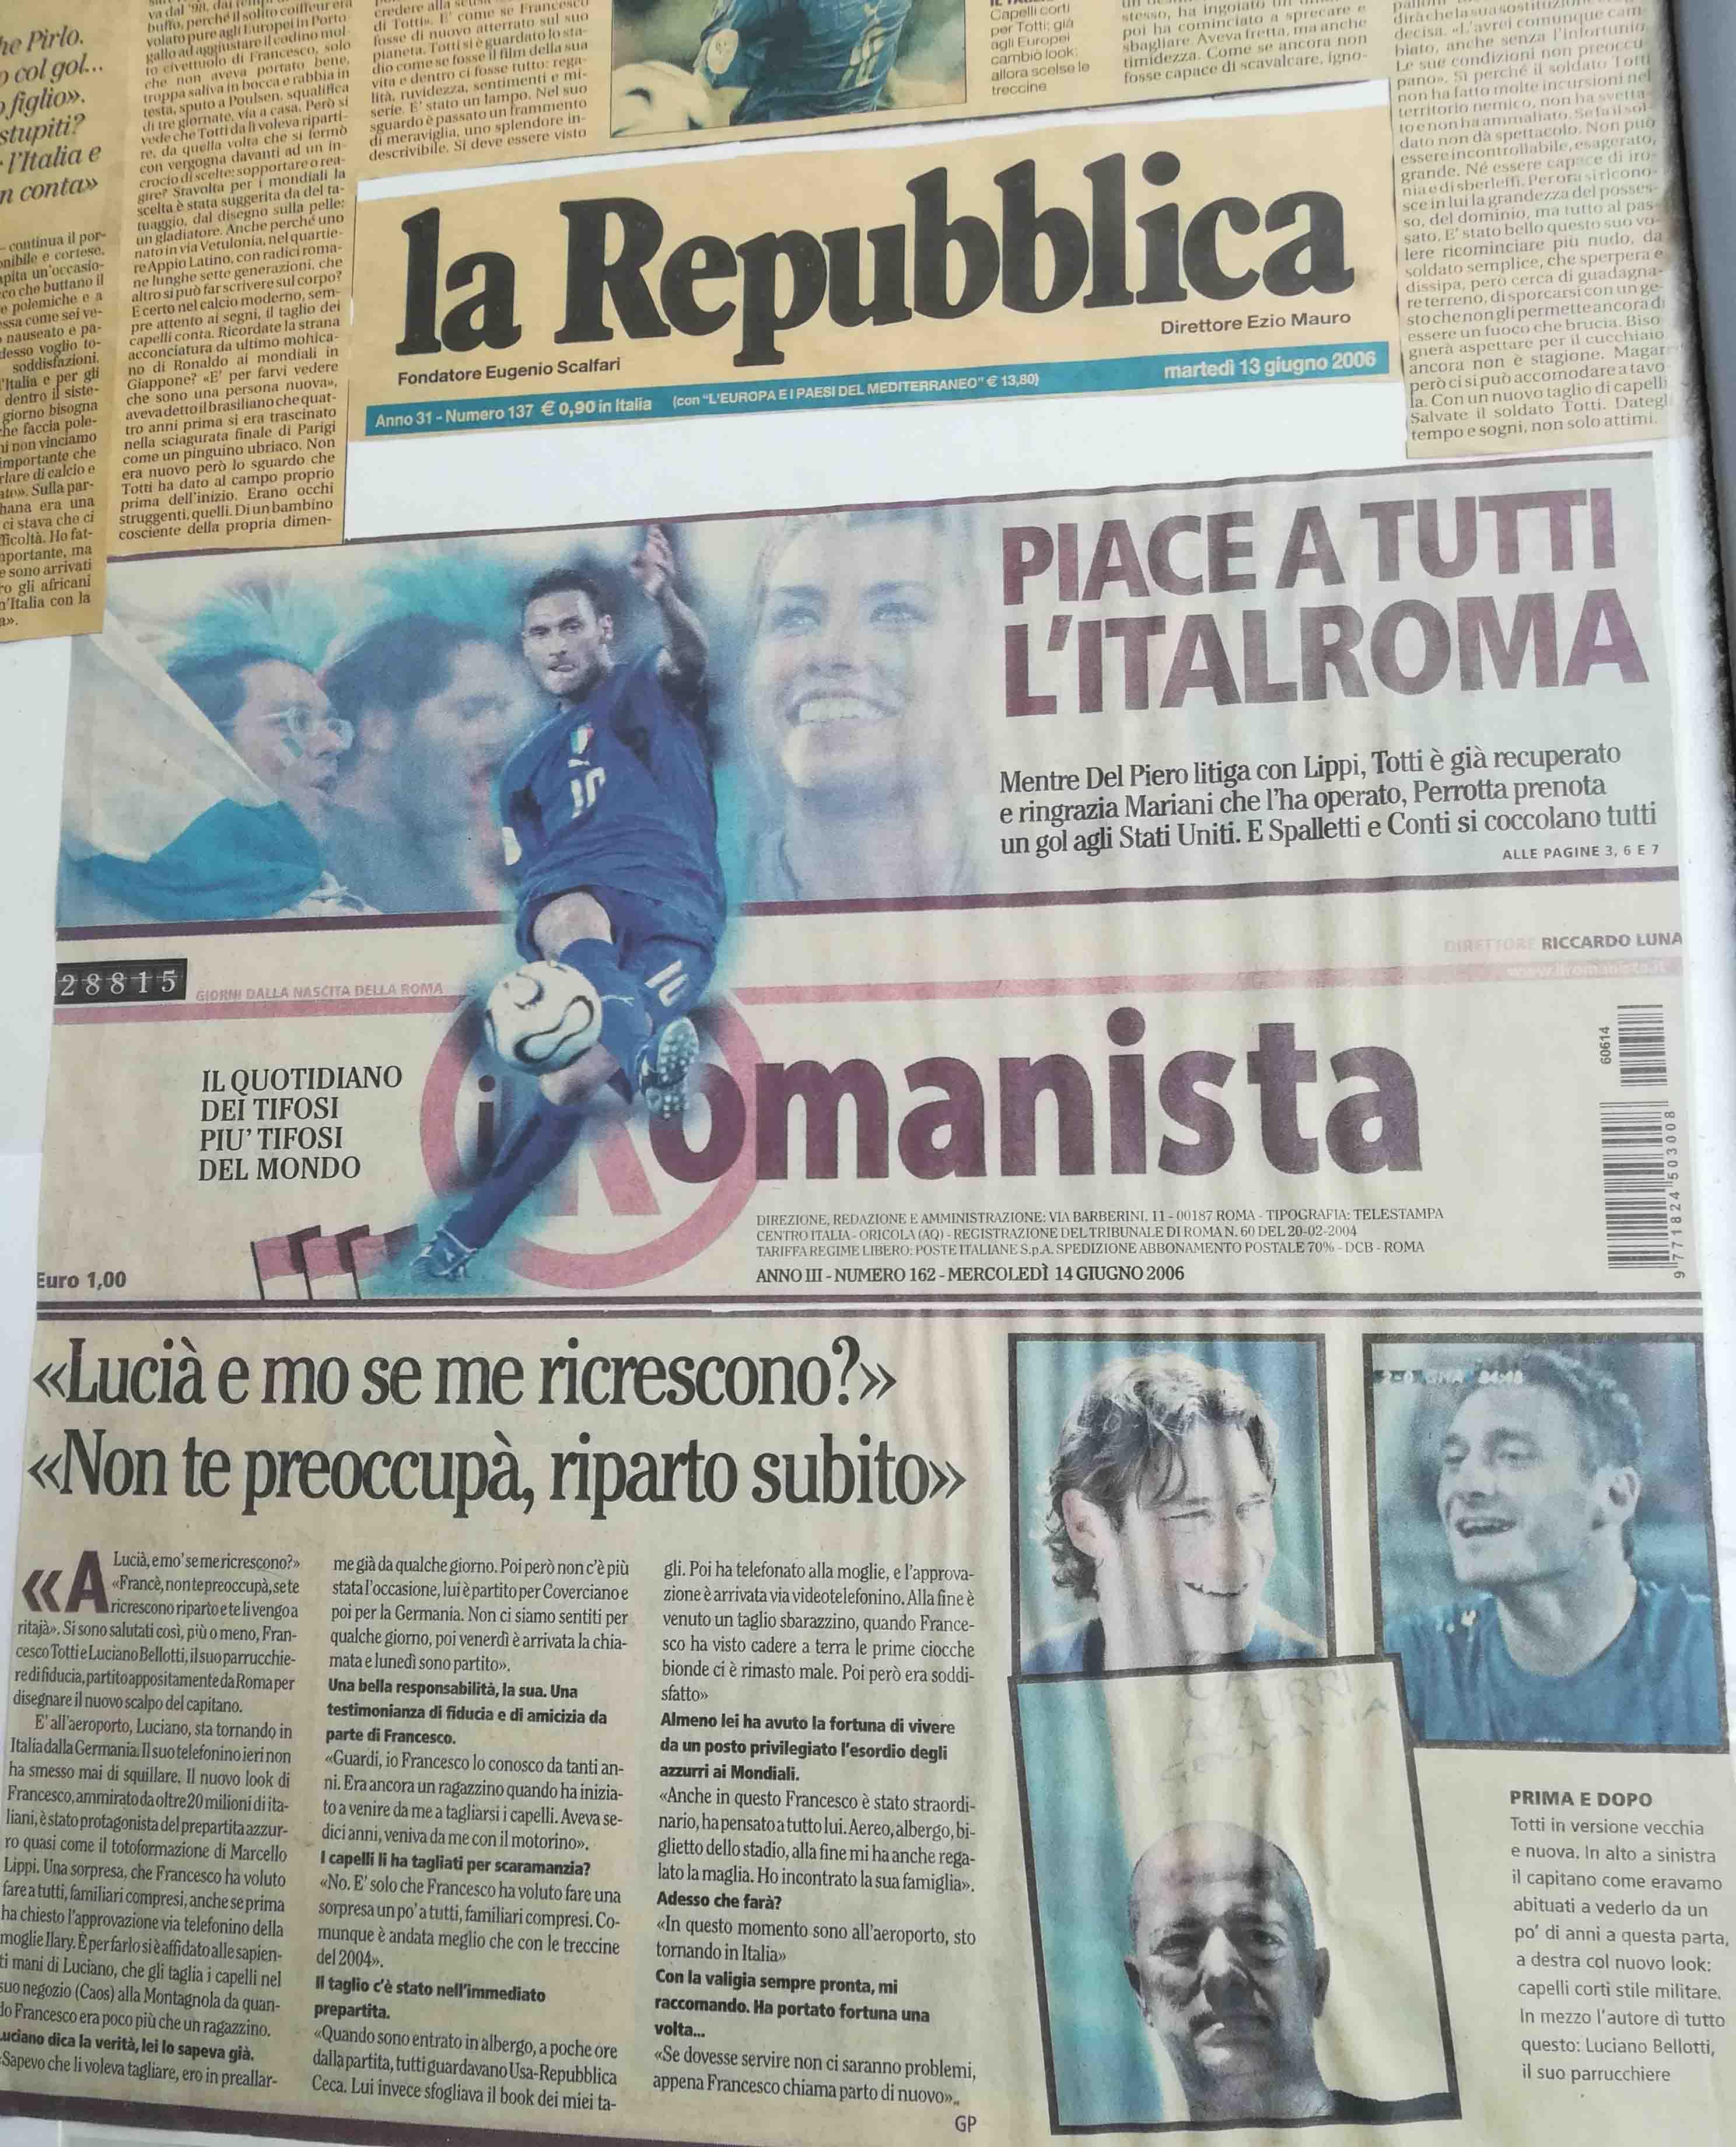 Luciano Bellotti sulla Repubblica. Parrucchiere a.s.roma